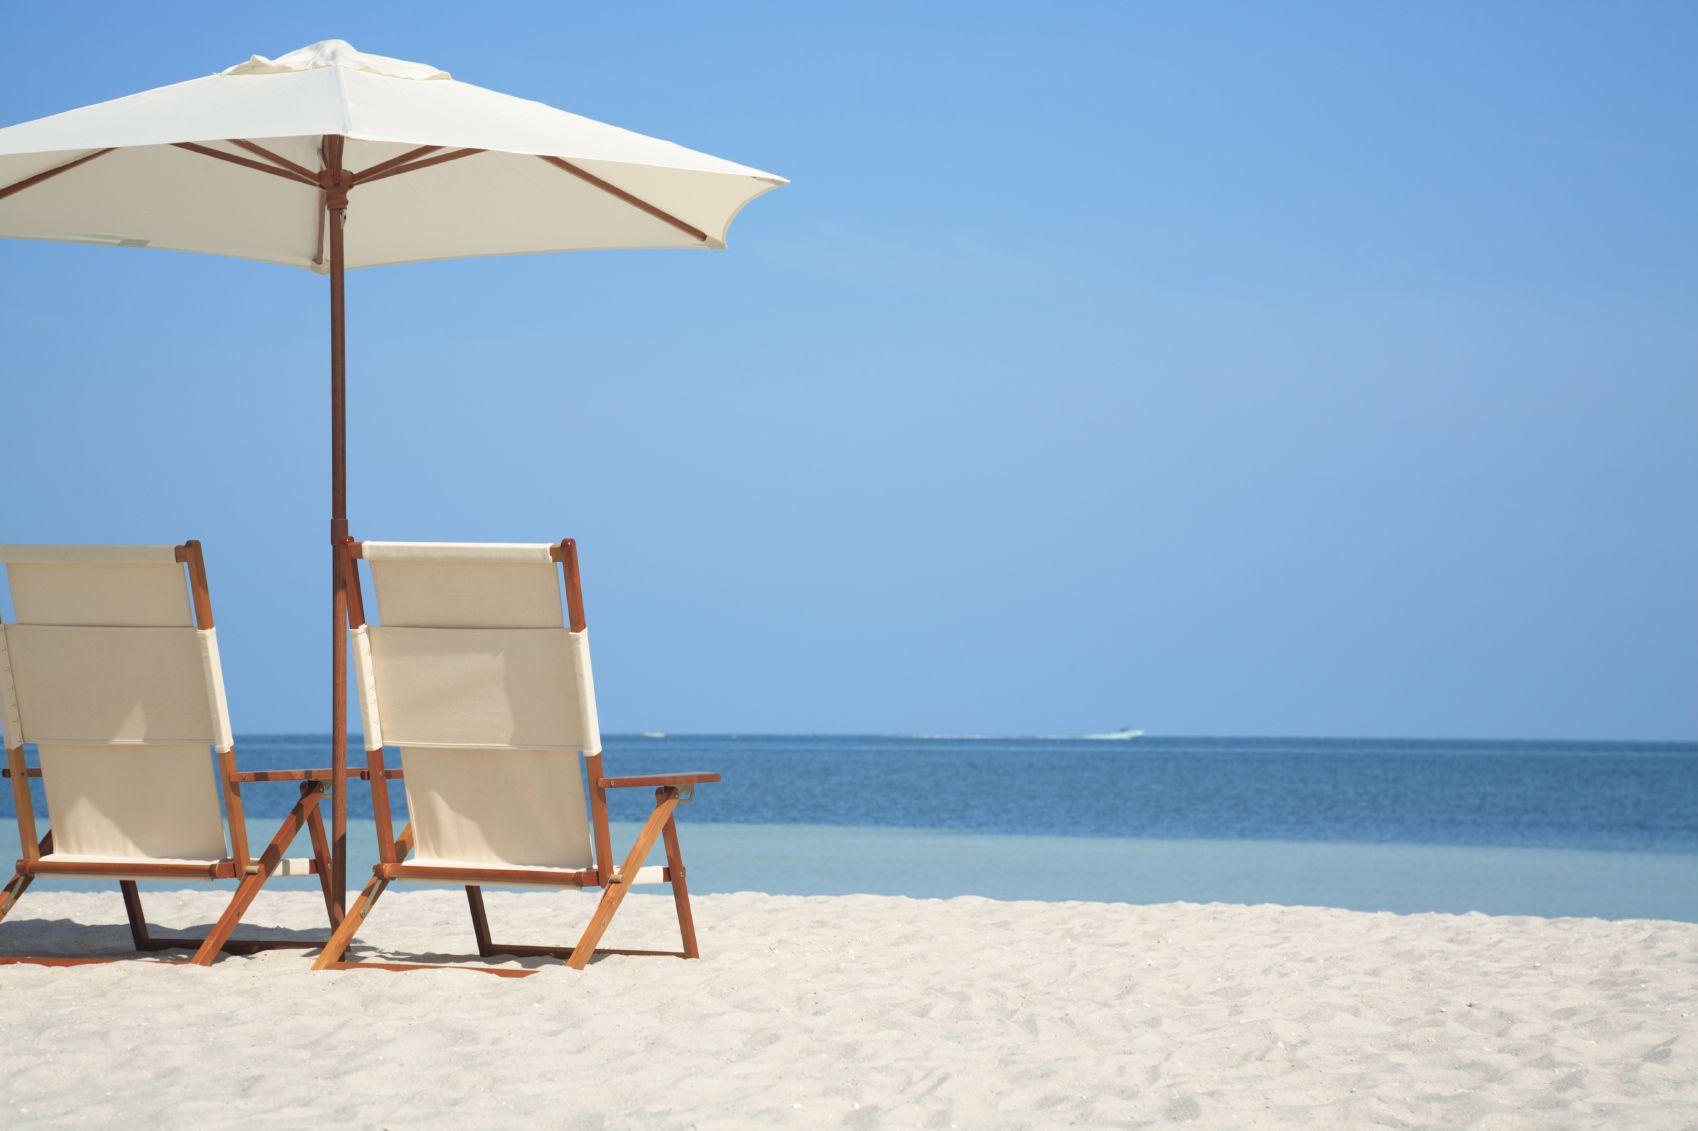 Beach Chairs And Umbrella The Original Air Chair On Tropical